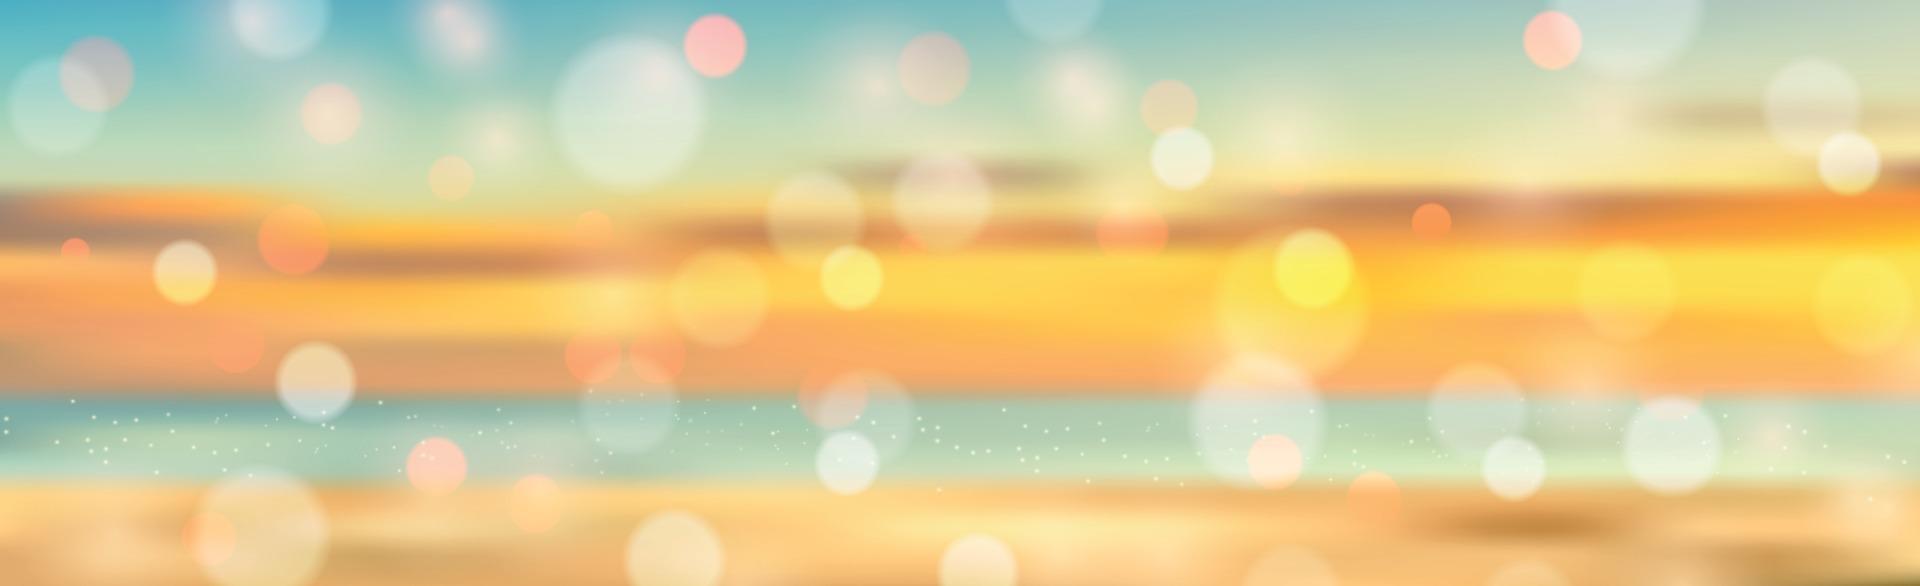 sommarpanorama bokeh semester till sjöss - illustration vektor